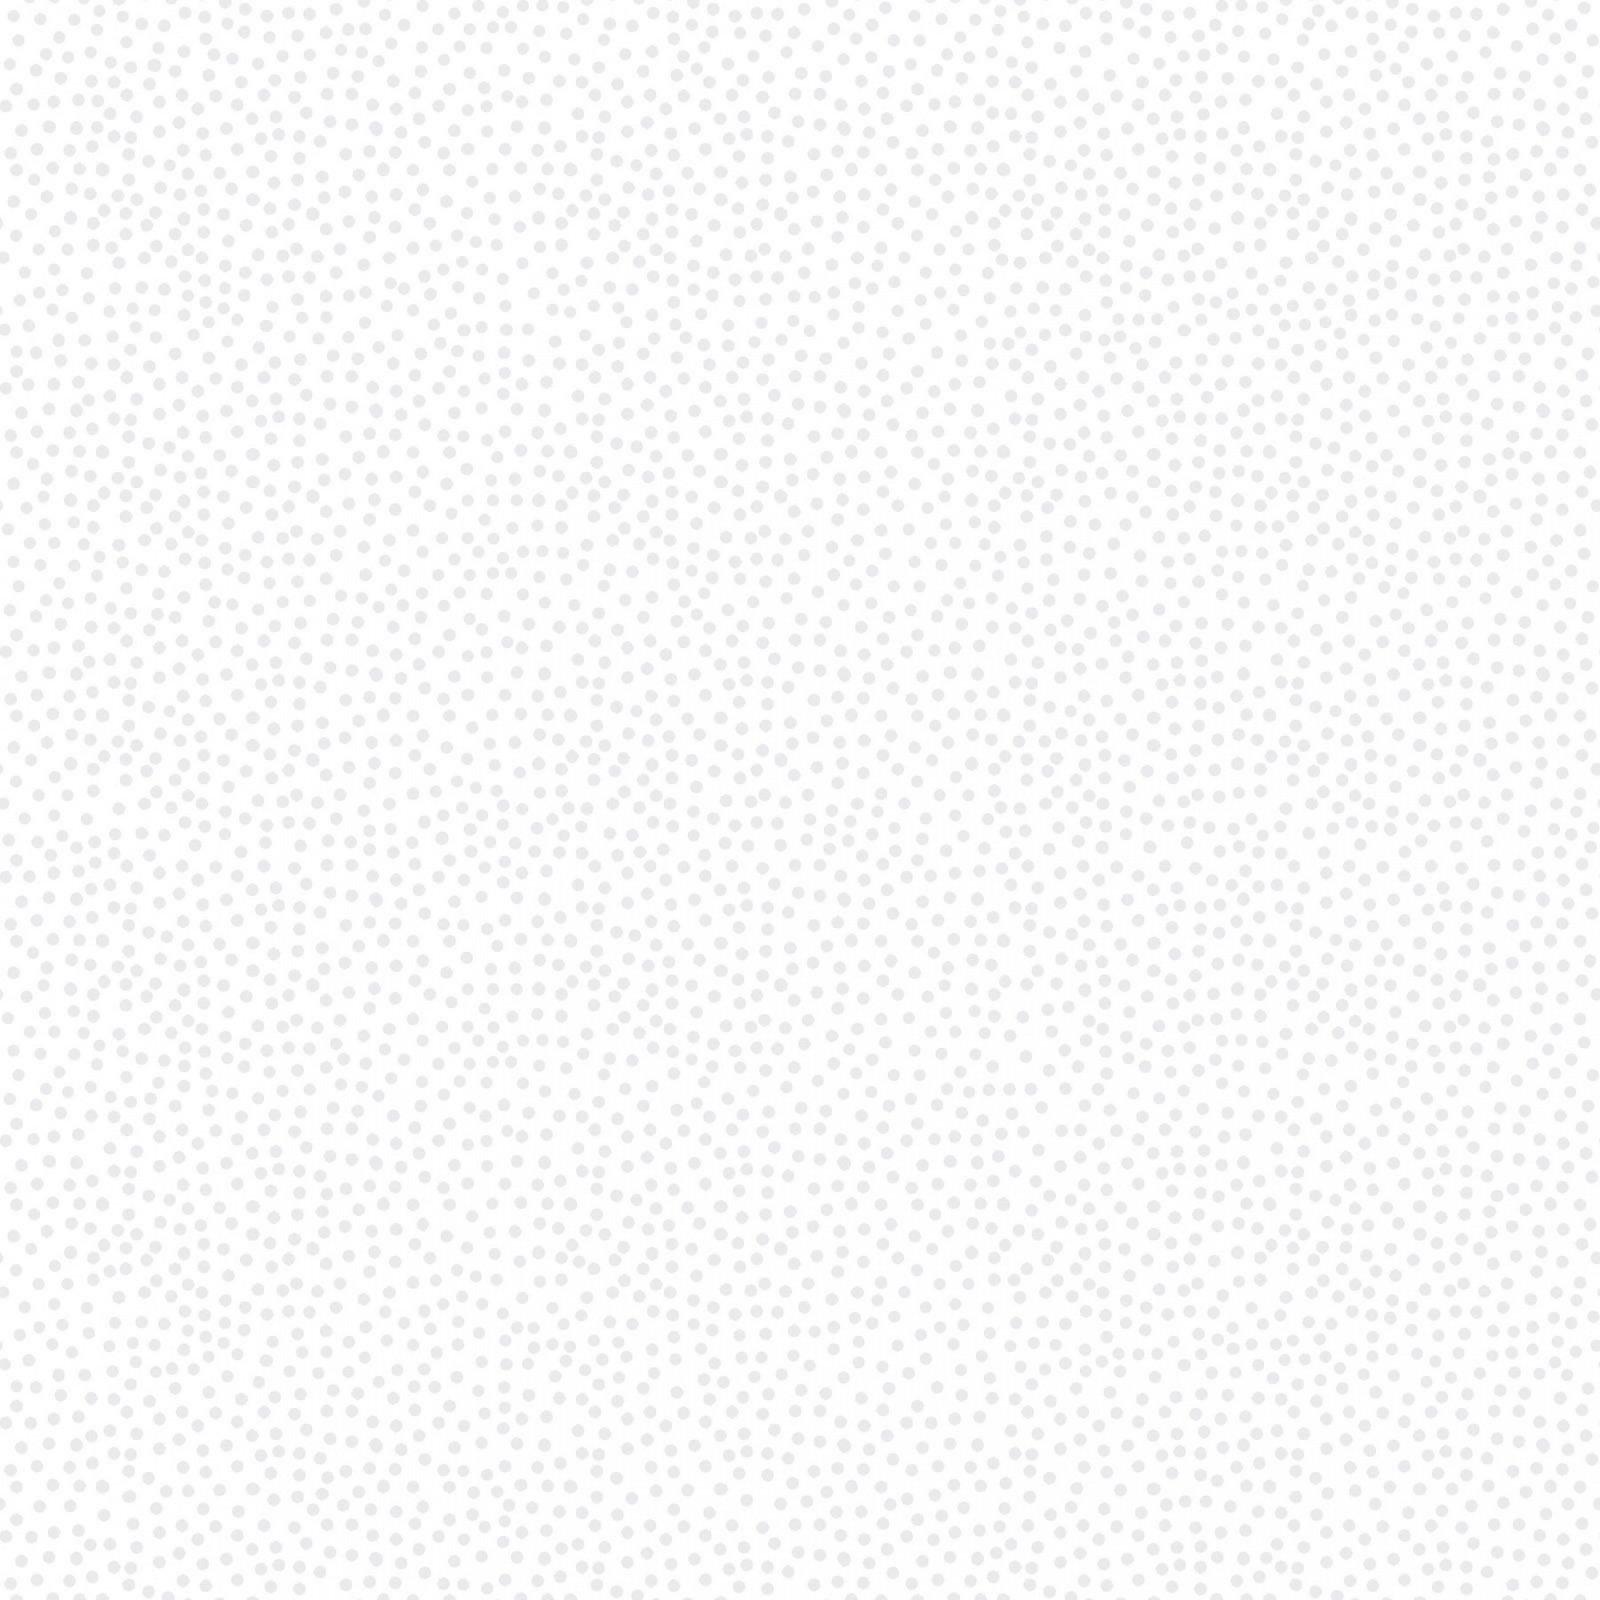 MEADOW EDGE BLENDER DOT WHITE